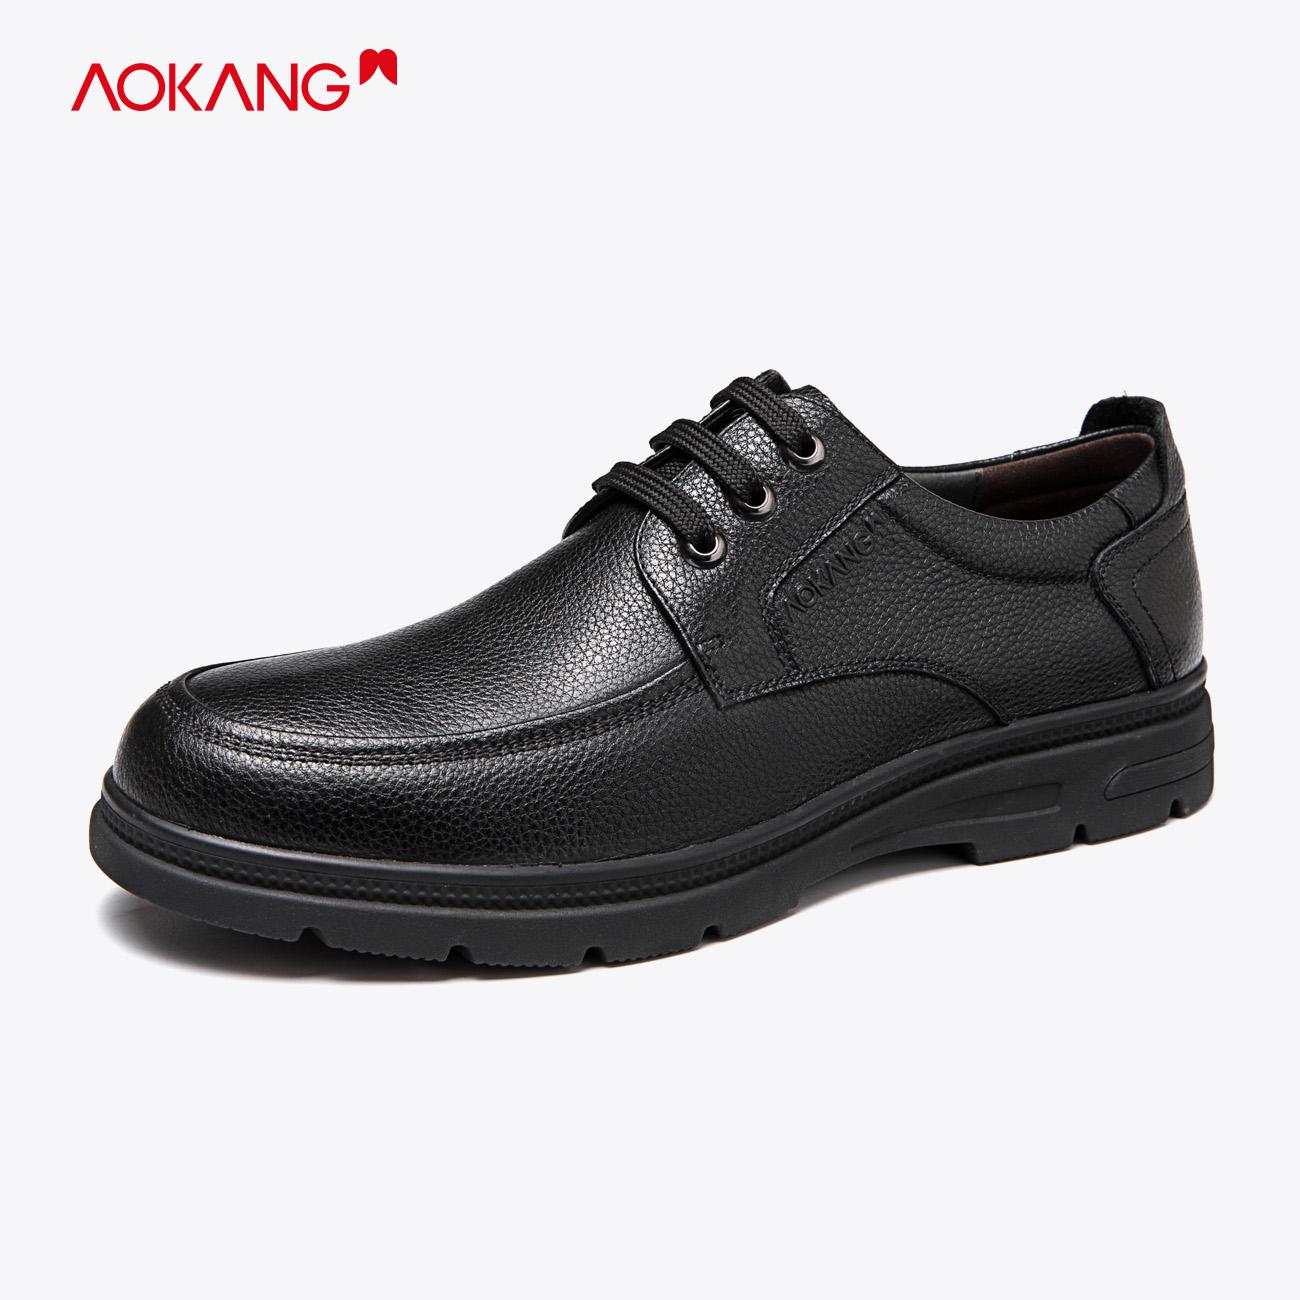 奥康男鞋 秋冬季商务正装皮鞋系带舒适低帮鞋黑色厚底工作鞋子男